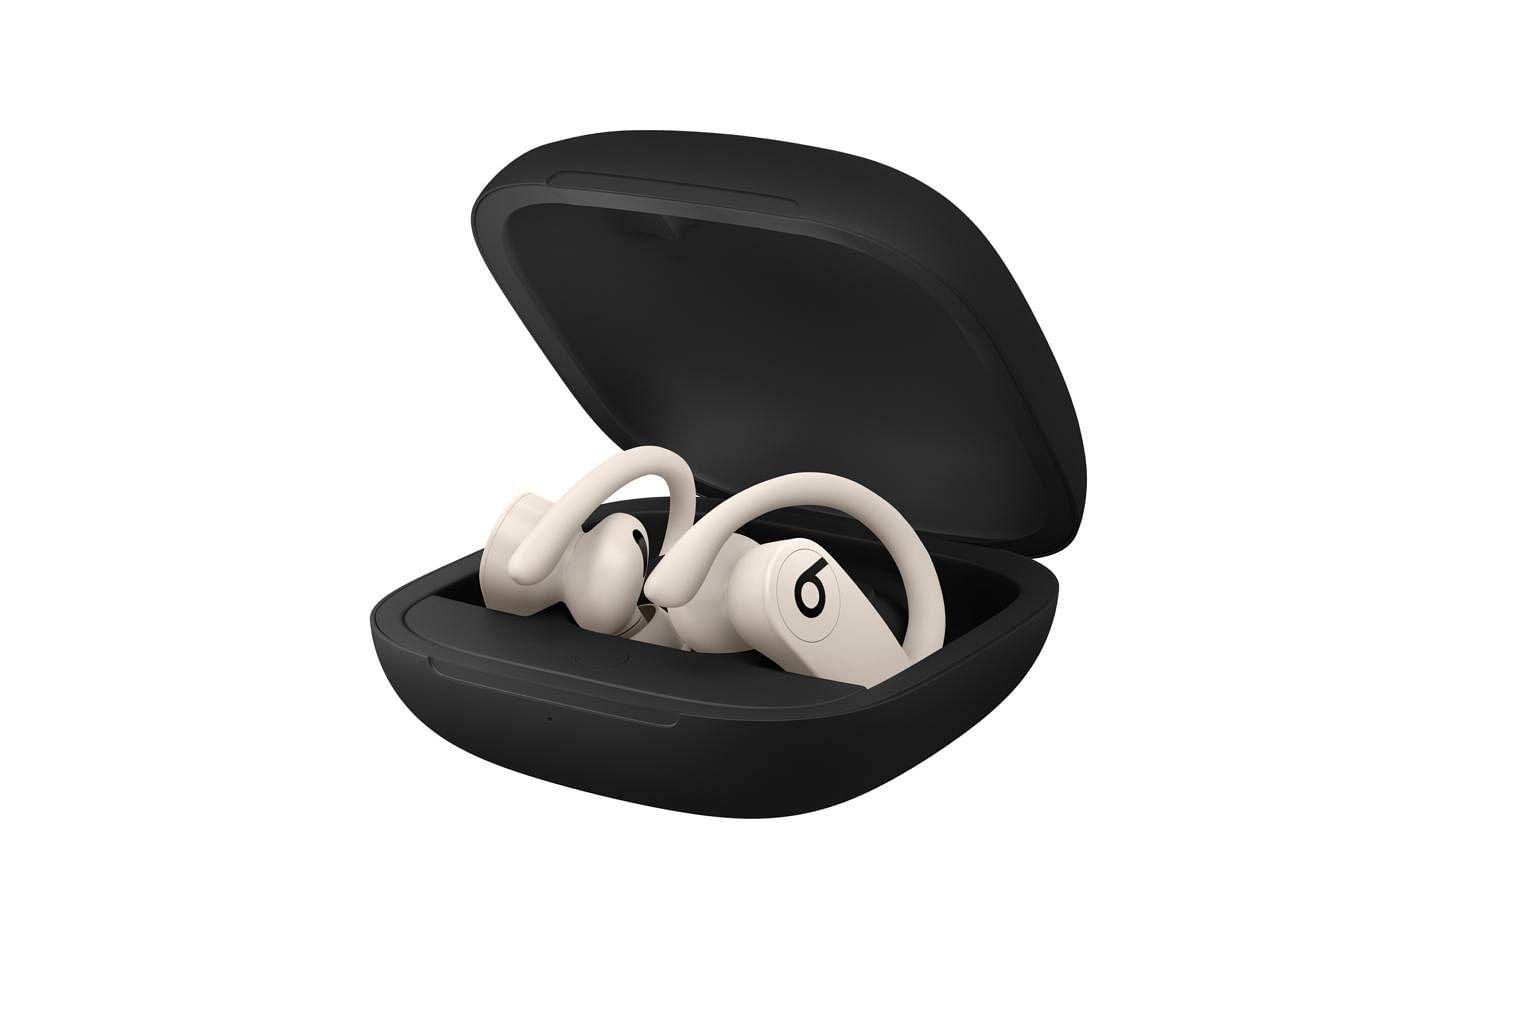 True wireless in-ear headphones roundup, Audio News & Top